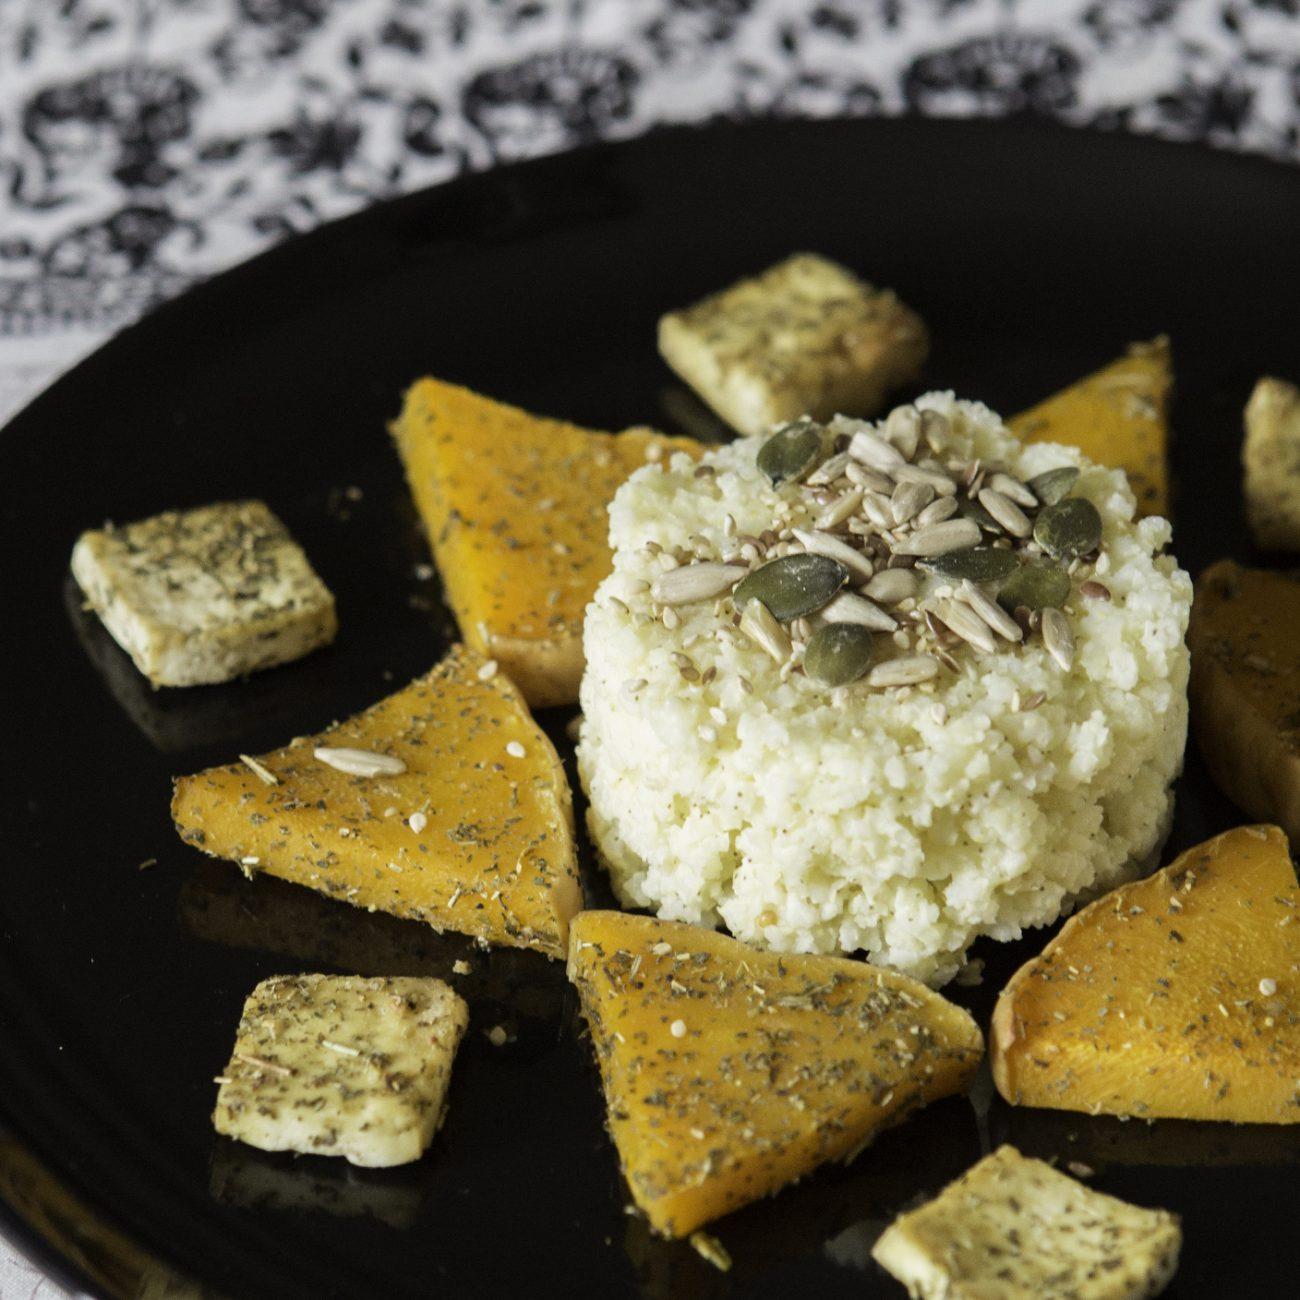 Miglio con zucca, tofu al forno e mix di semi